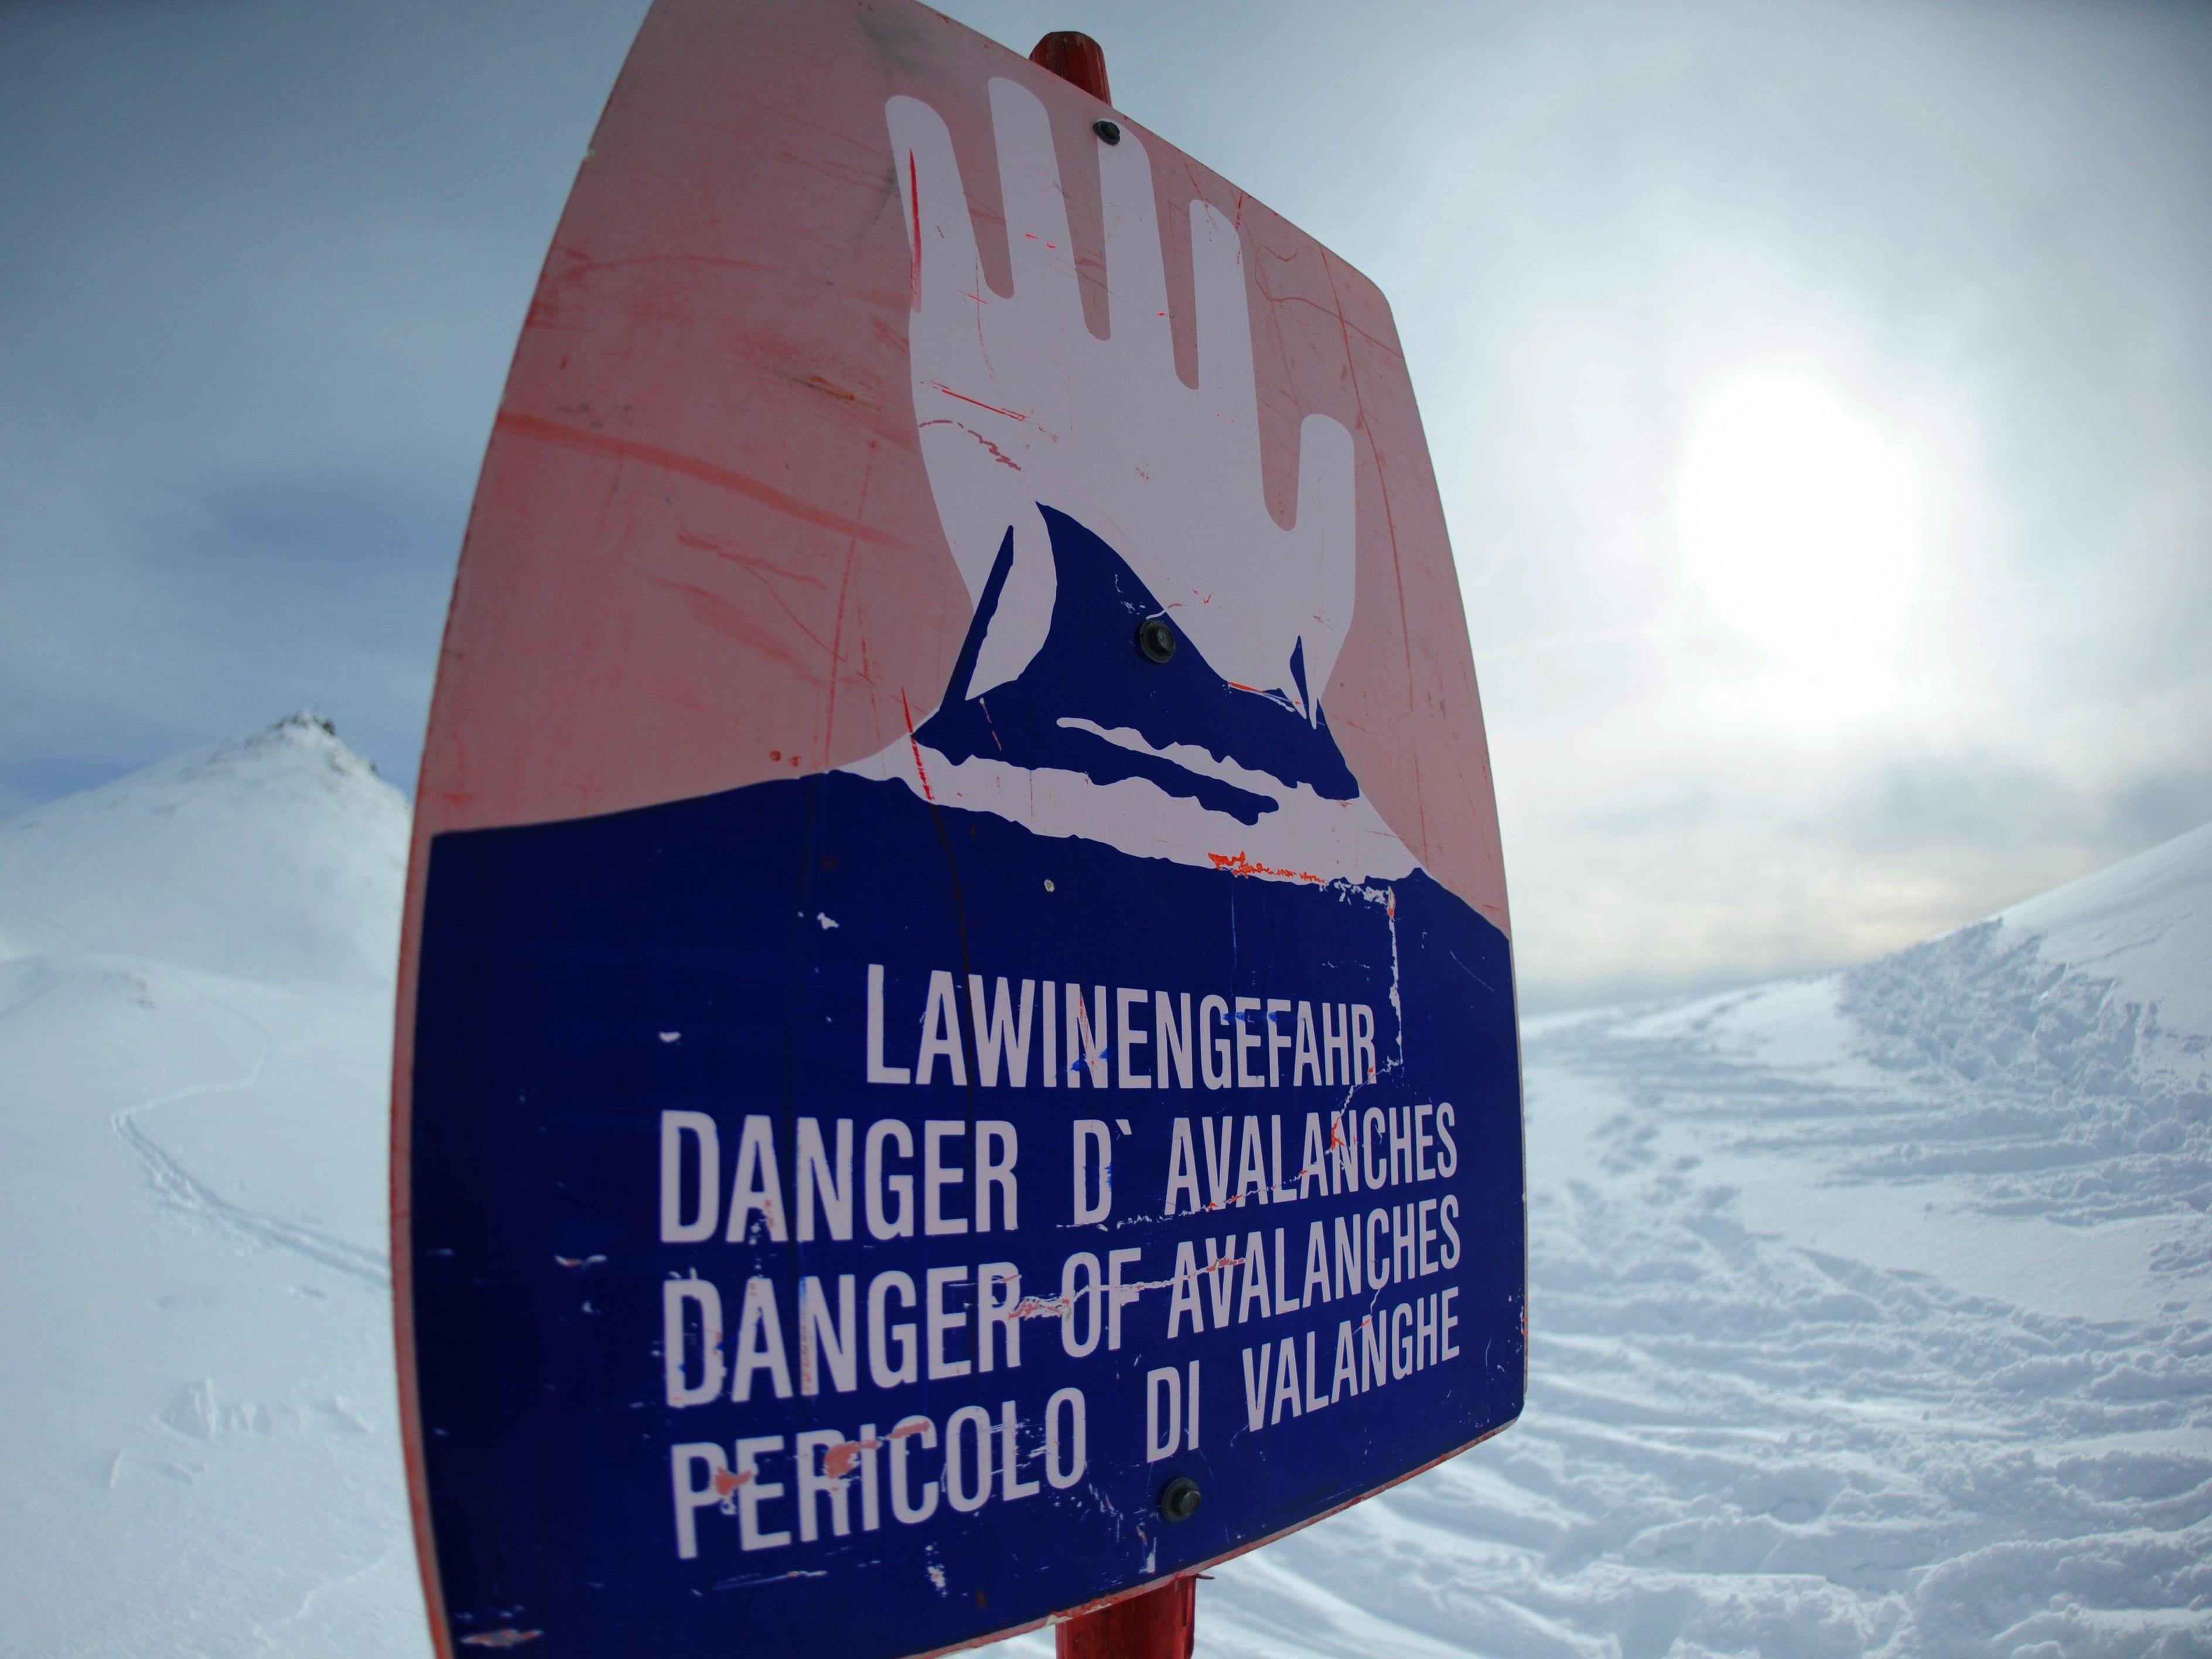 Die Lawinengefahr bleibt in Vorarlberg hoch, in den nächsten Tagen sorgt stürmischer Wind für Schneeverfrachtungen.